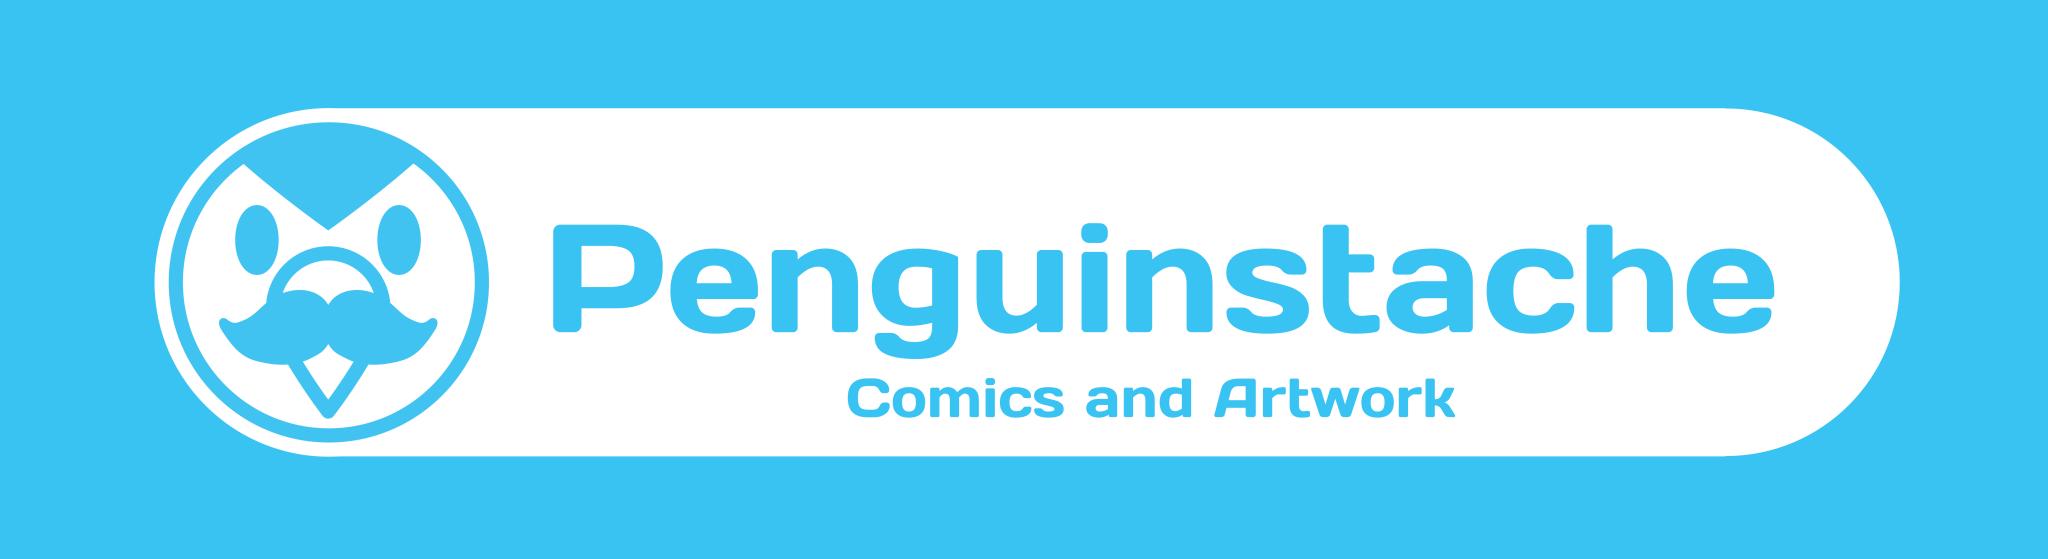 Penguinstache